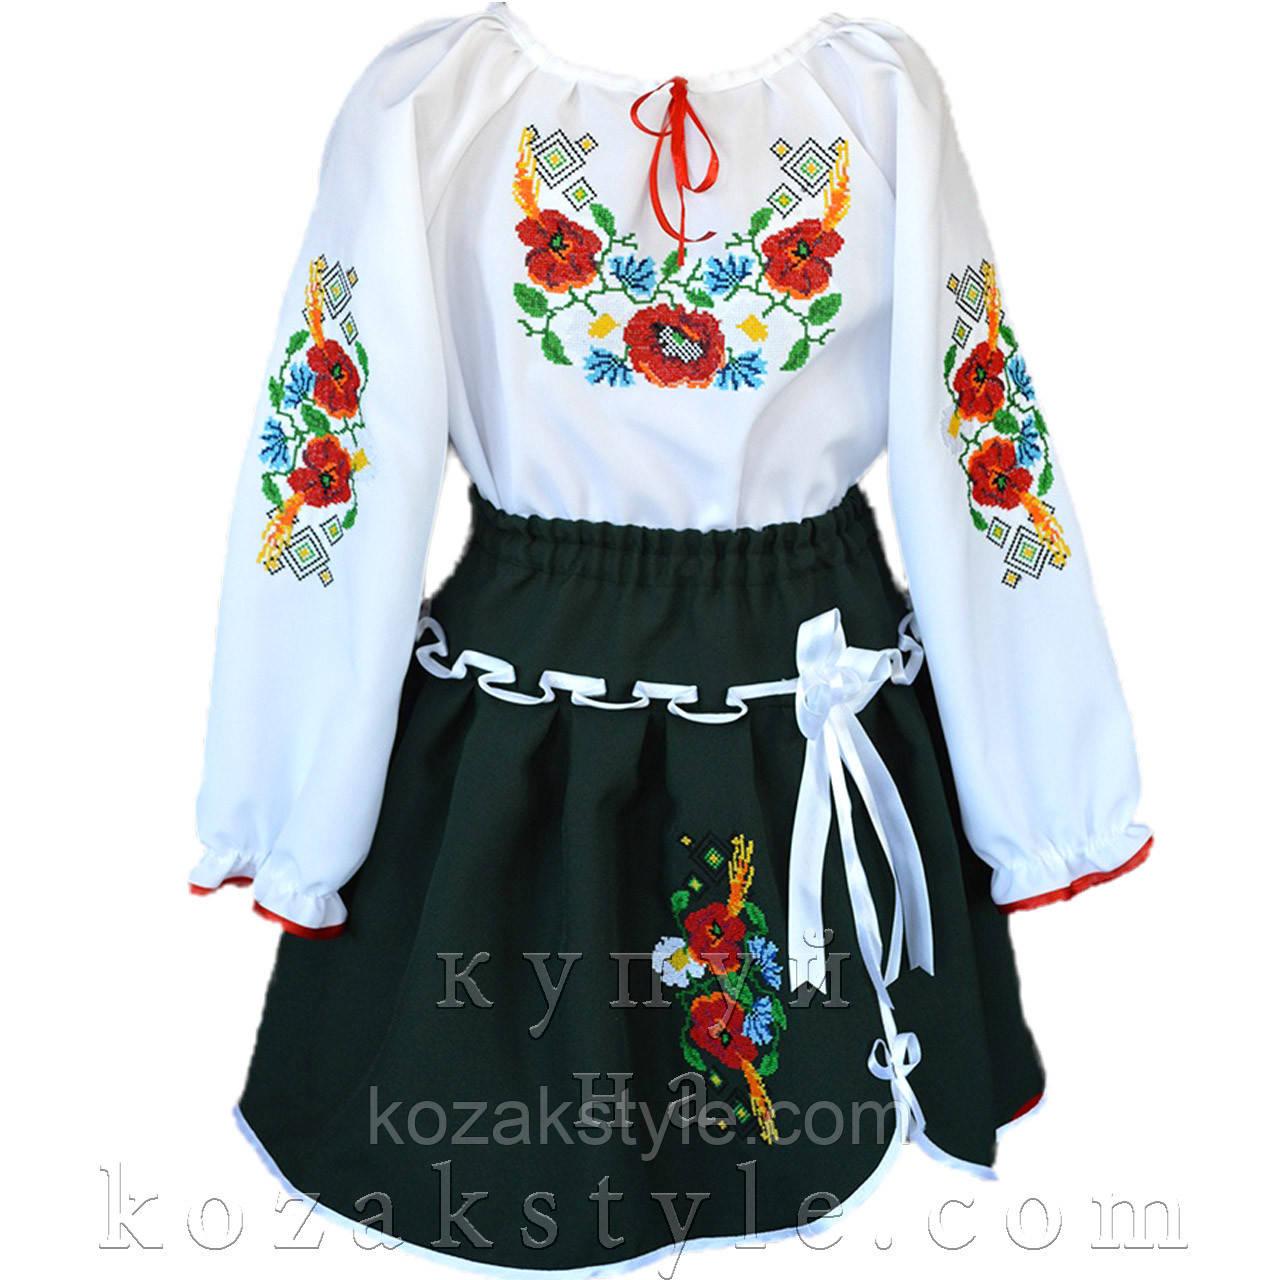 Український костюм (темно-зелена спідничка) 1-10 років